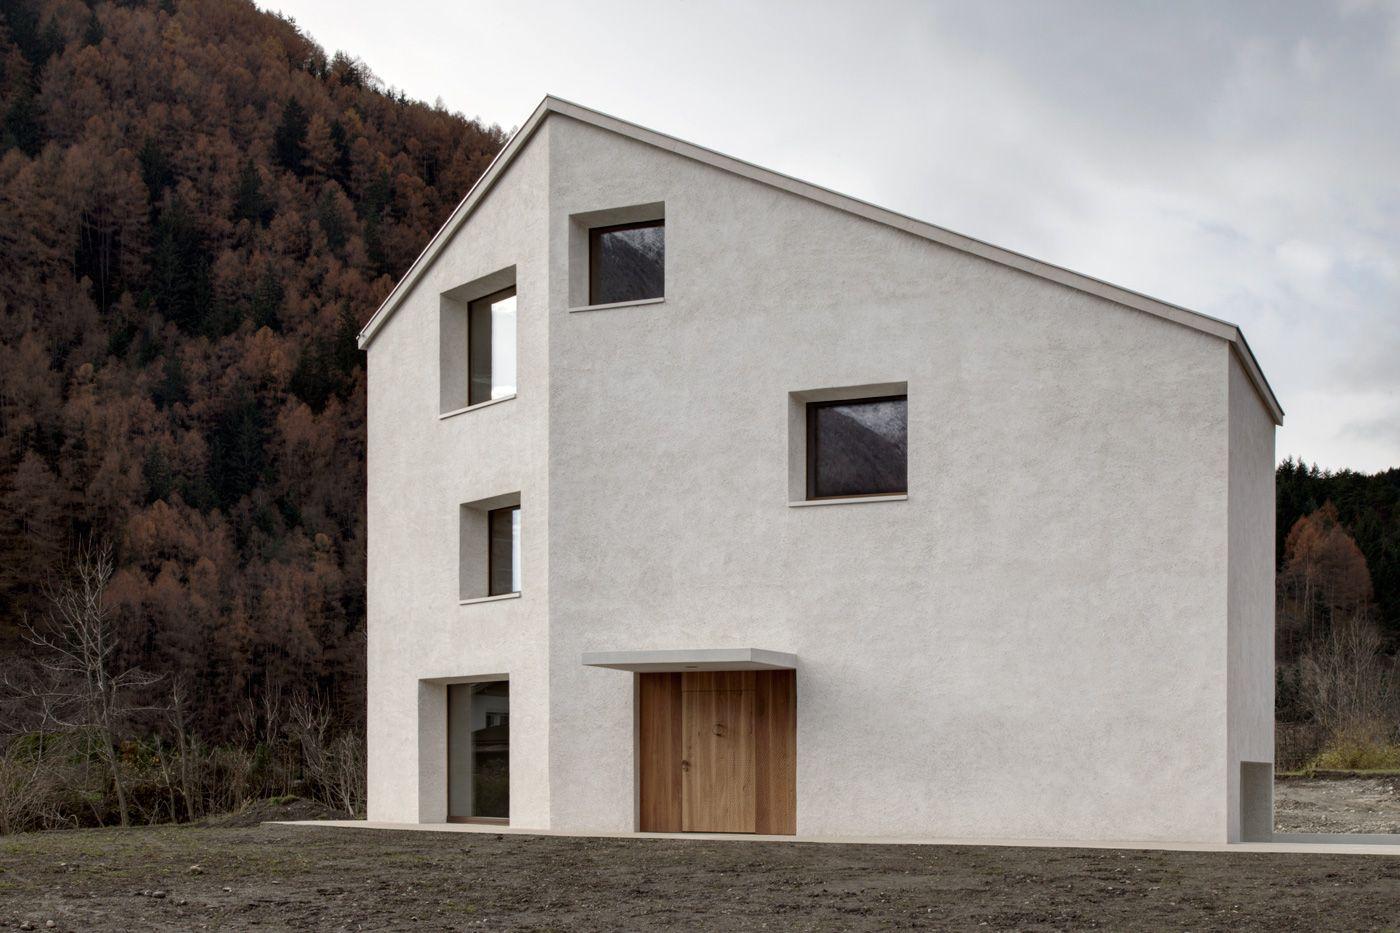 Casa sul rio dei molini